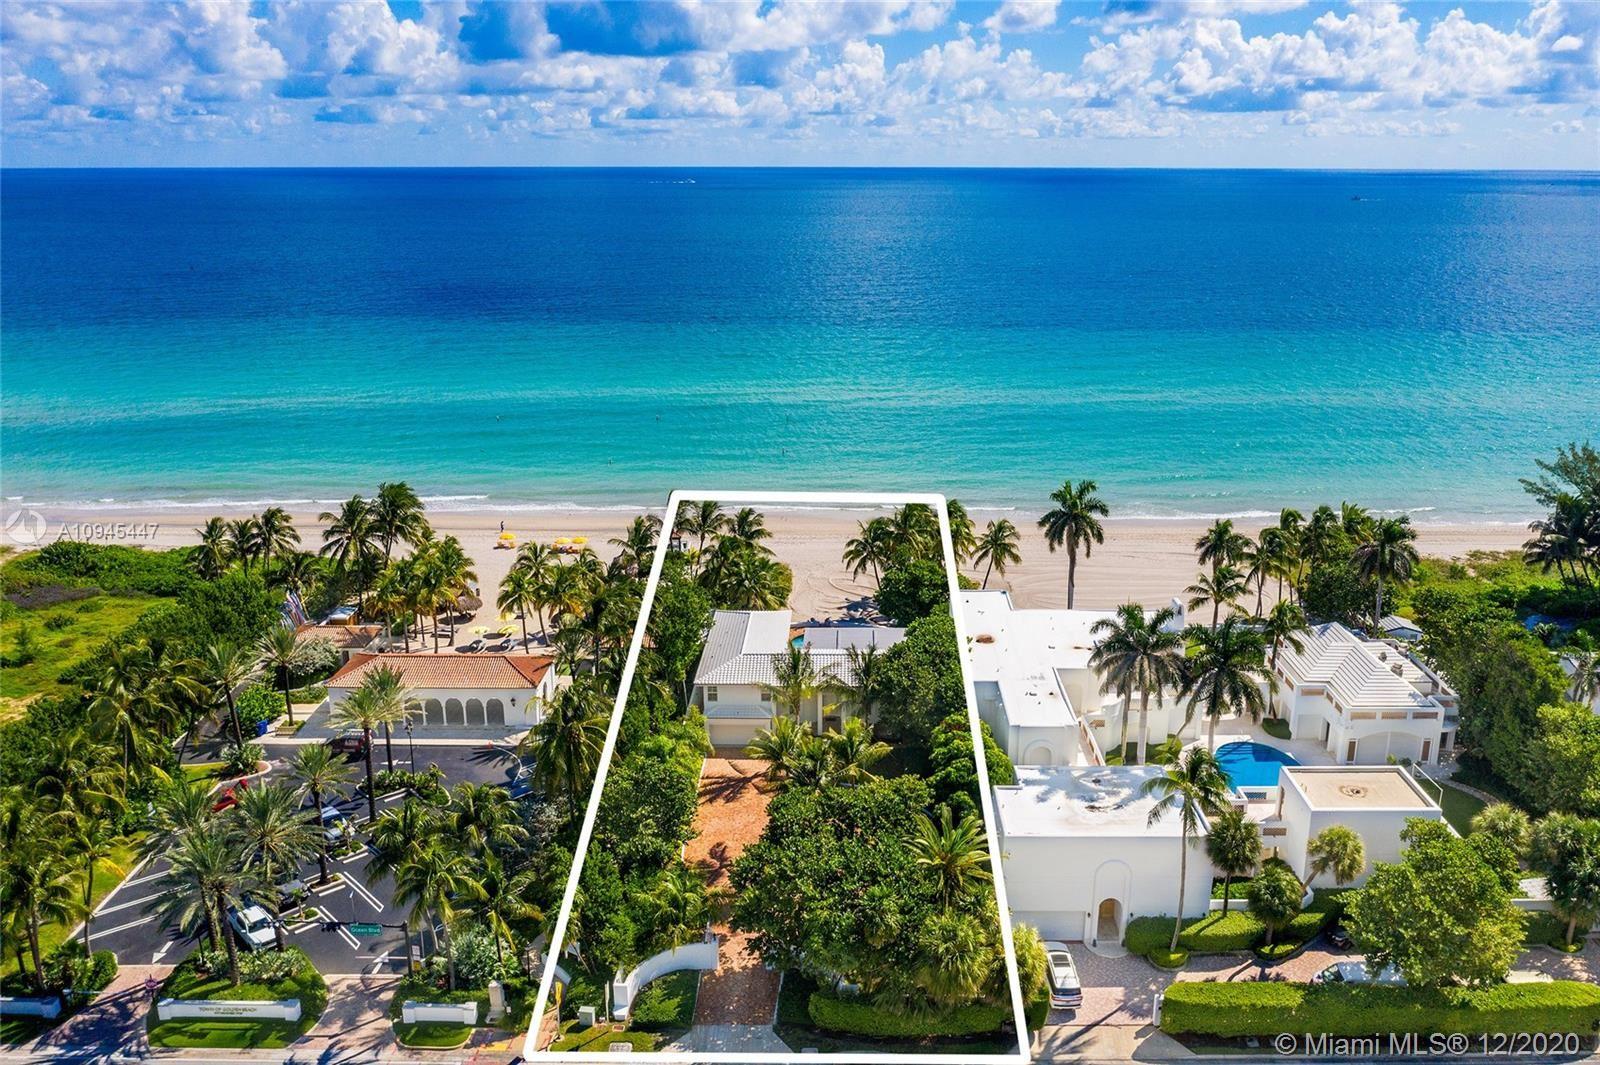 Photo of 399 Ocean Blvd, Golden Beach, FL 33160 (MLS # A10945447)